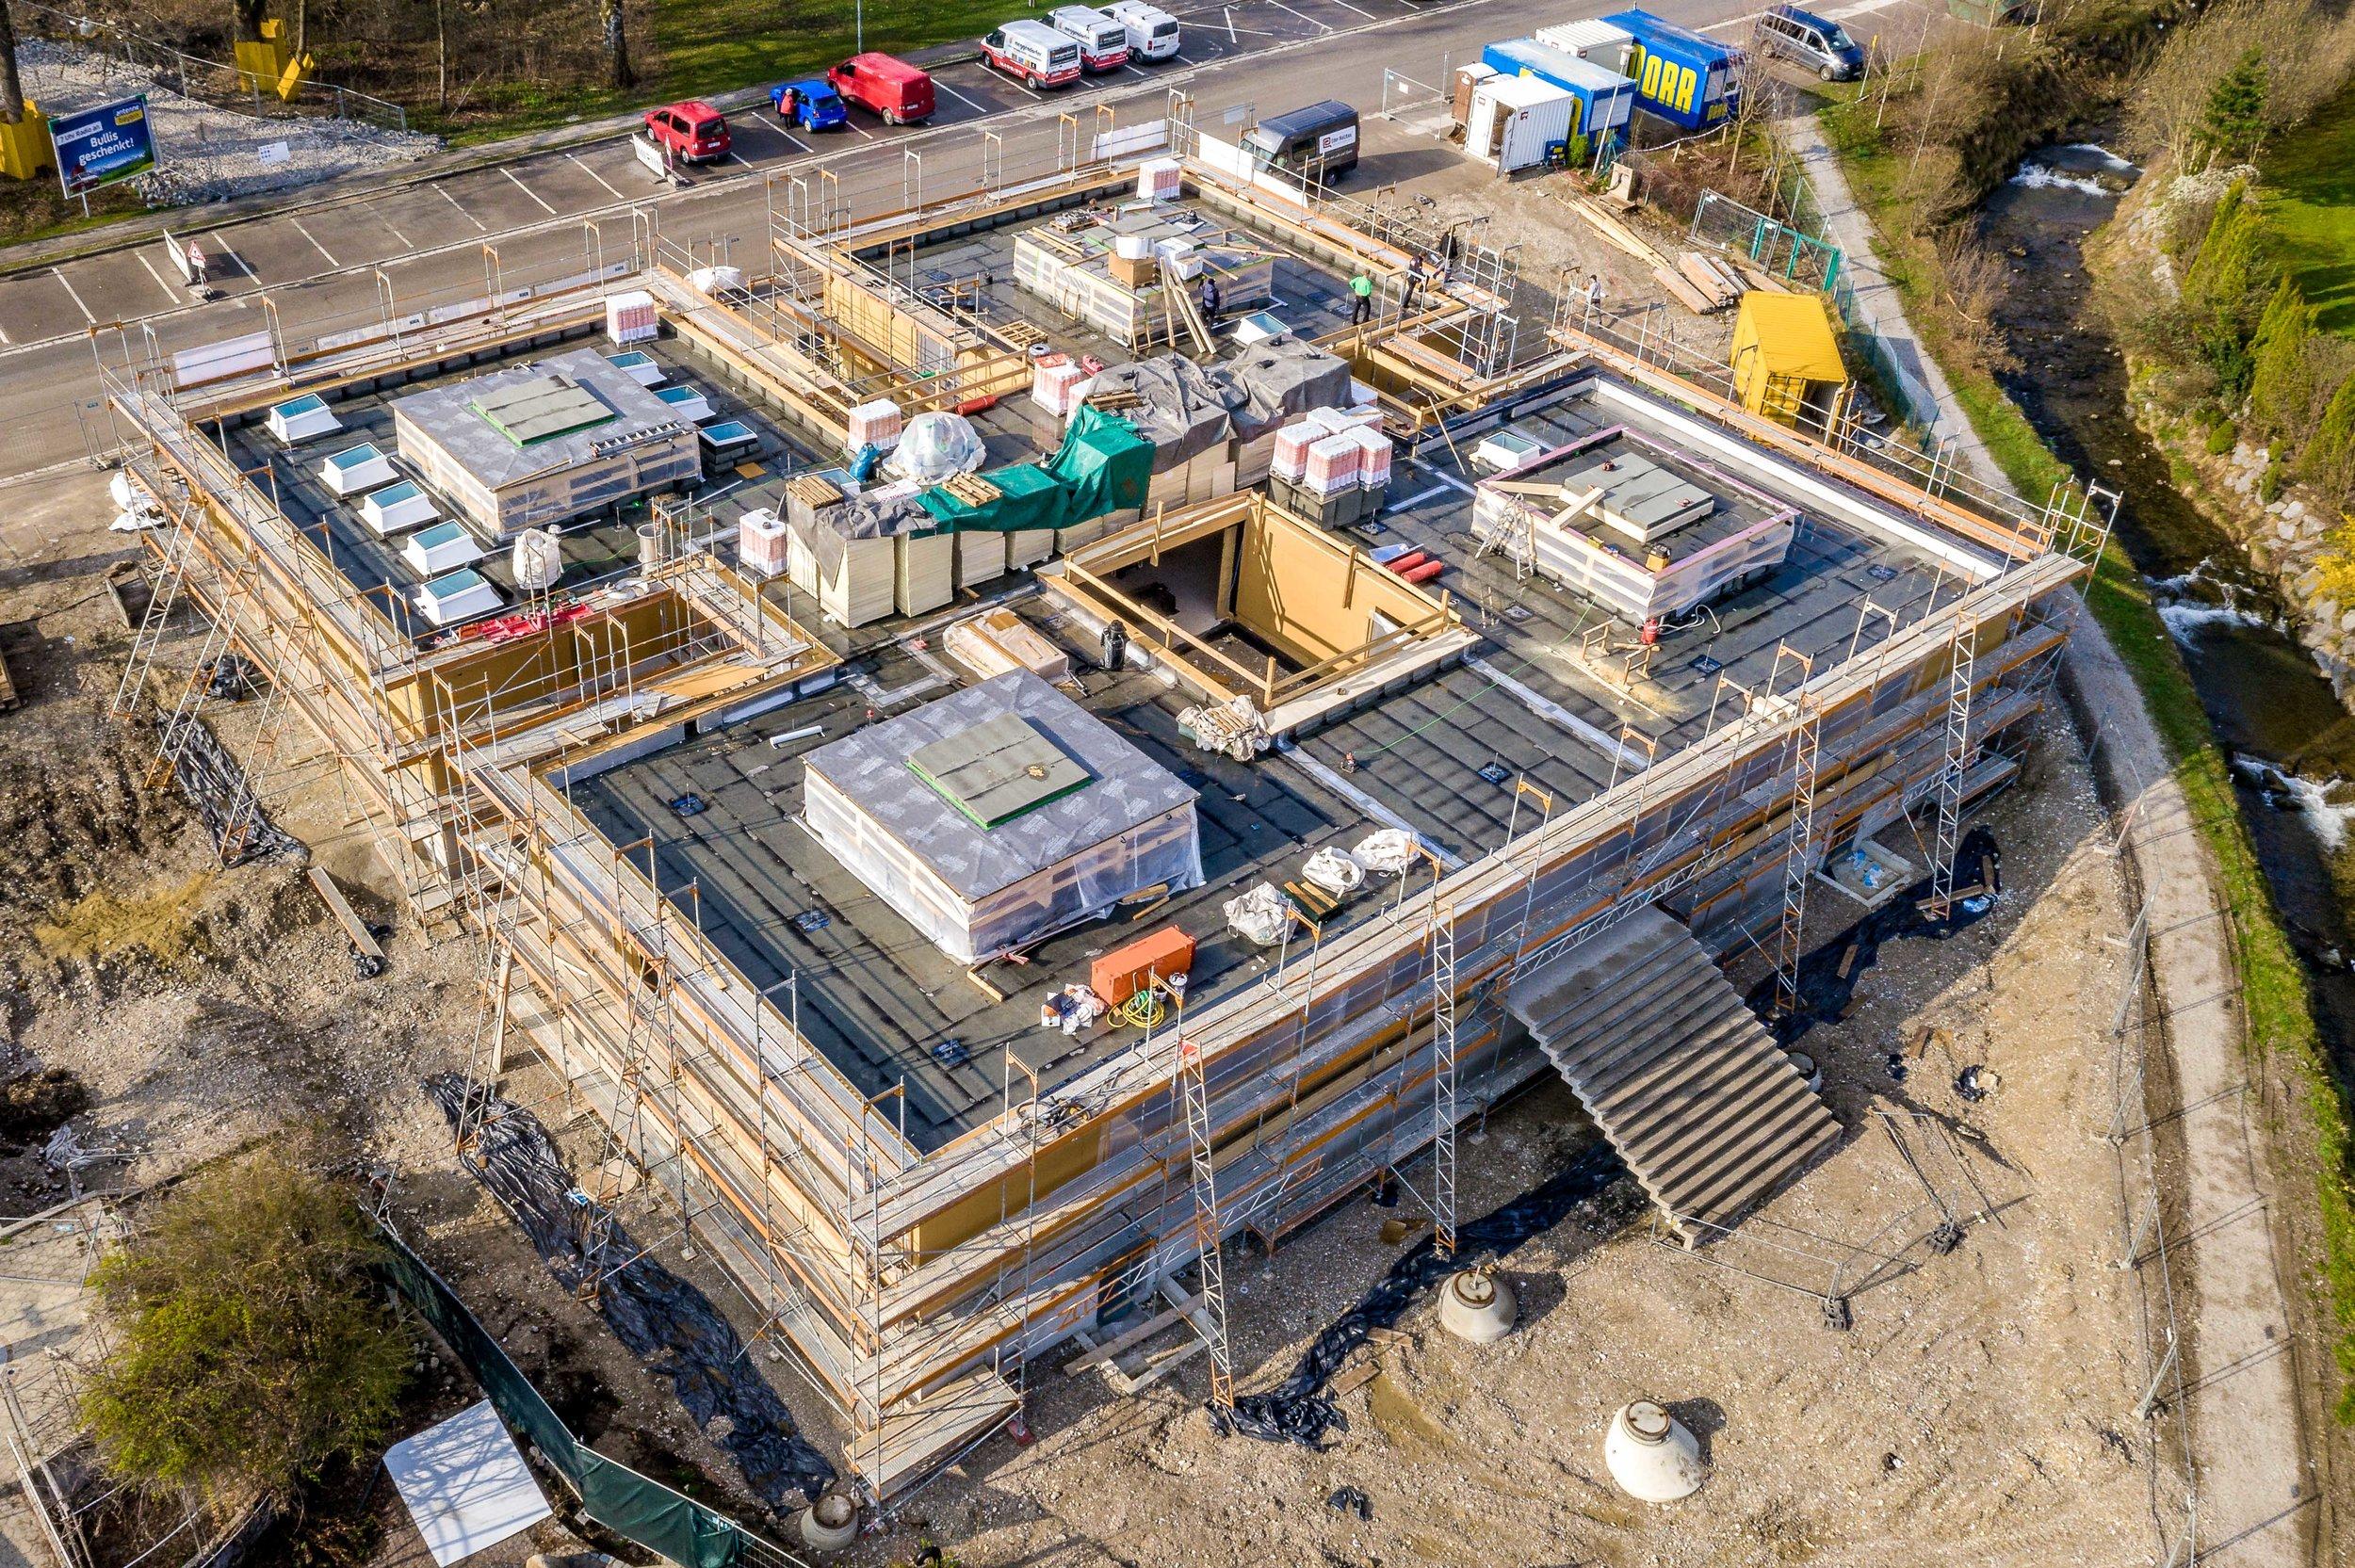 ROHBAU ABGESCHLOSSEN - Der Neubau schreitet voran: Nachdem in den letzten Monaten das Fundament gelegt und die Wände des Badehauses gezogen wurden, steht nun das Dach! Auch im Erdgeschoss werden derzeit die letzten Rohbauarbeiten abgeschlossen und die Fenster eingesetzt. Somit startet bald die nächste Etappe: Der Innenausbau mit den Trockenbauarbeiten. Während im Untergeschoss bereits die Arbeiten für die Heizungs-, Lüftungs-, Elektro- und Sanitäranlagen begonnen worden sind, folgt demnächst das Erdgeschoss. Somit ist klar: Der Neubau ist im Zeitplan und das gesamte Jod-Schwefelbad-Team freut sich auf die nächste Etappe!